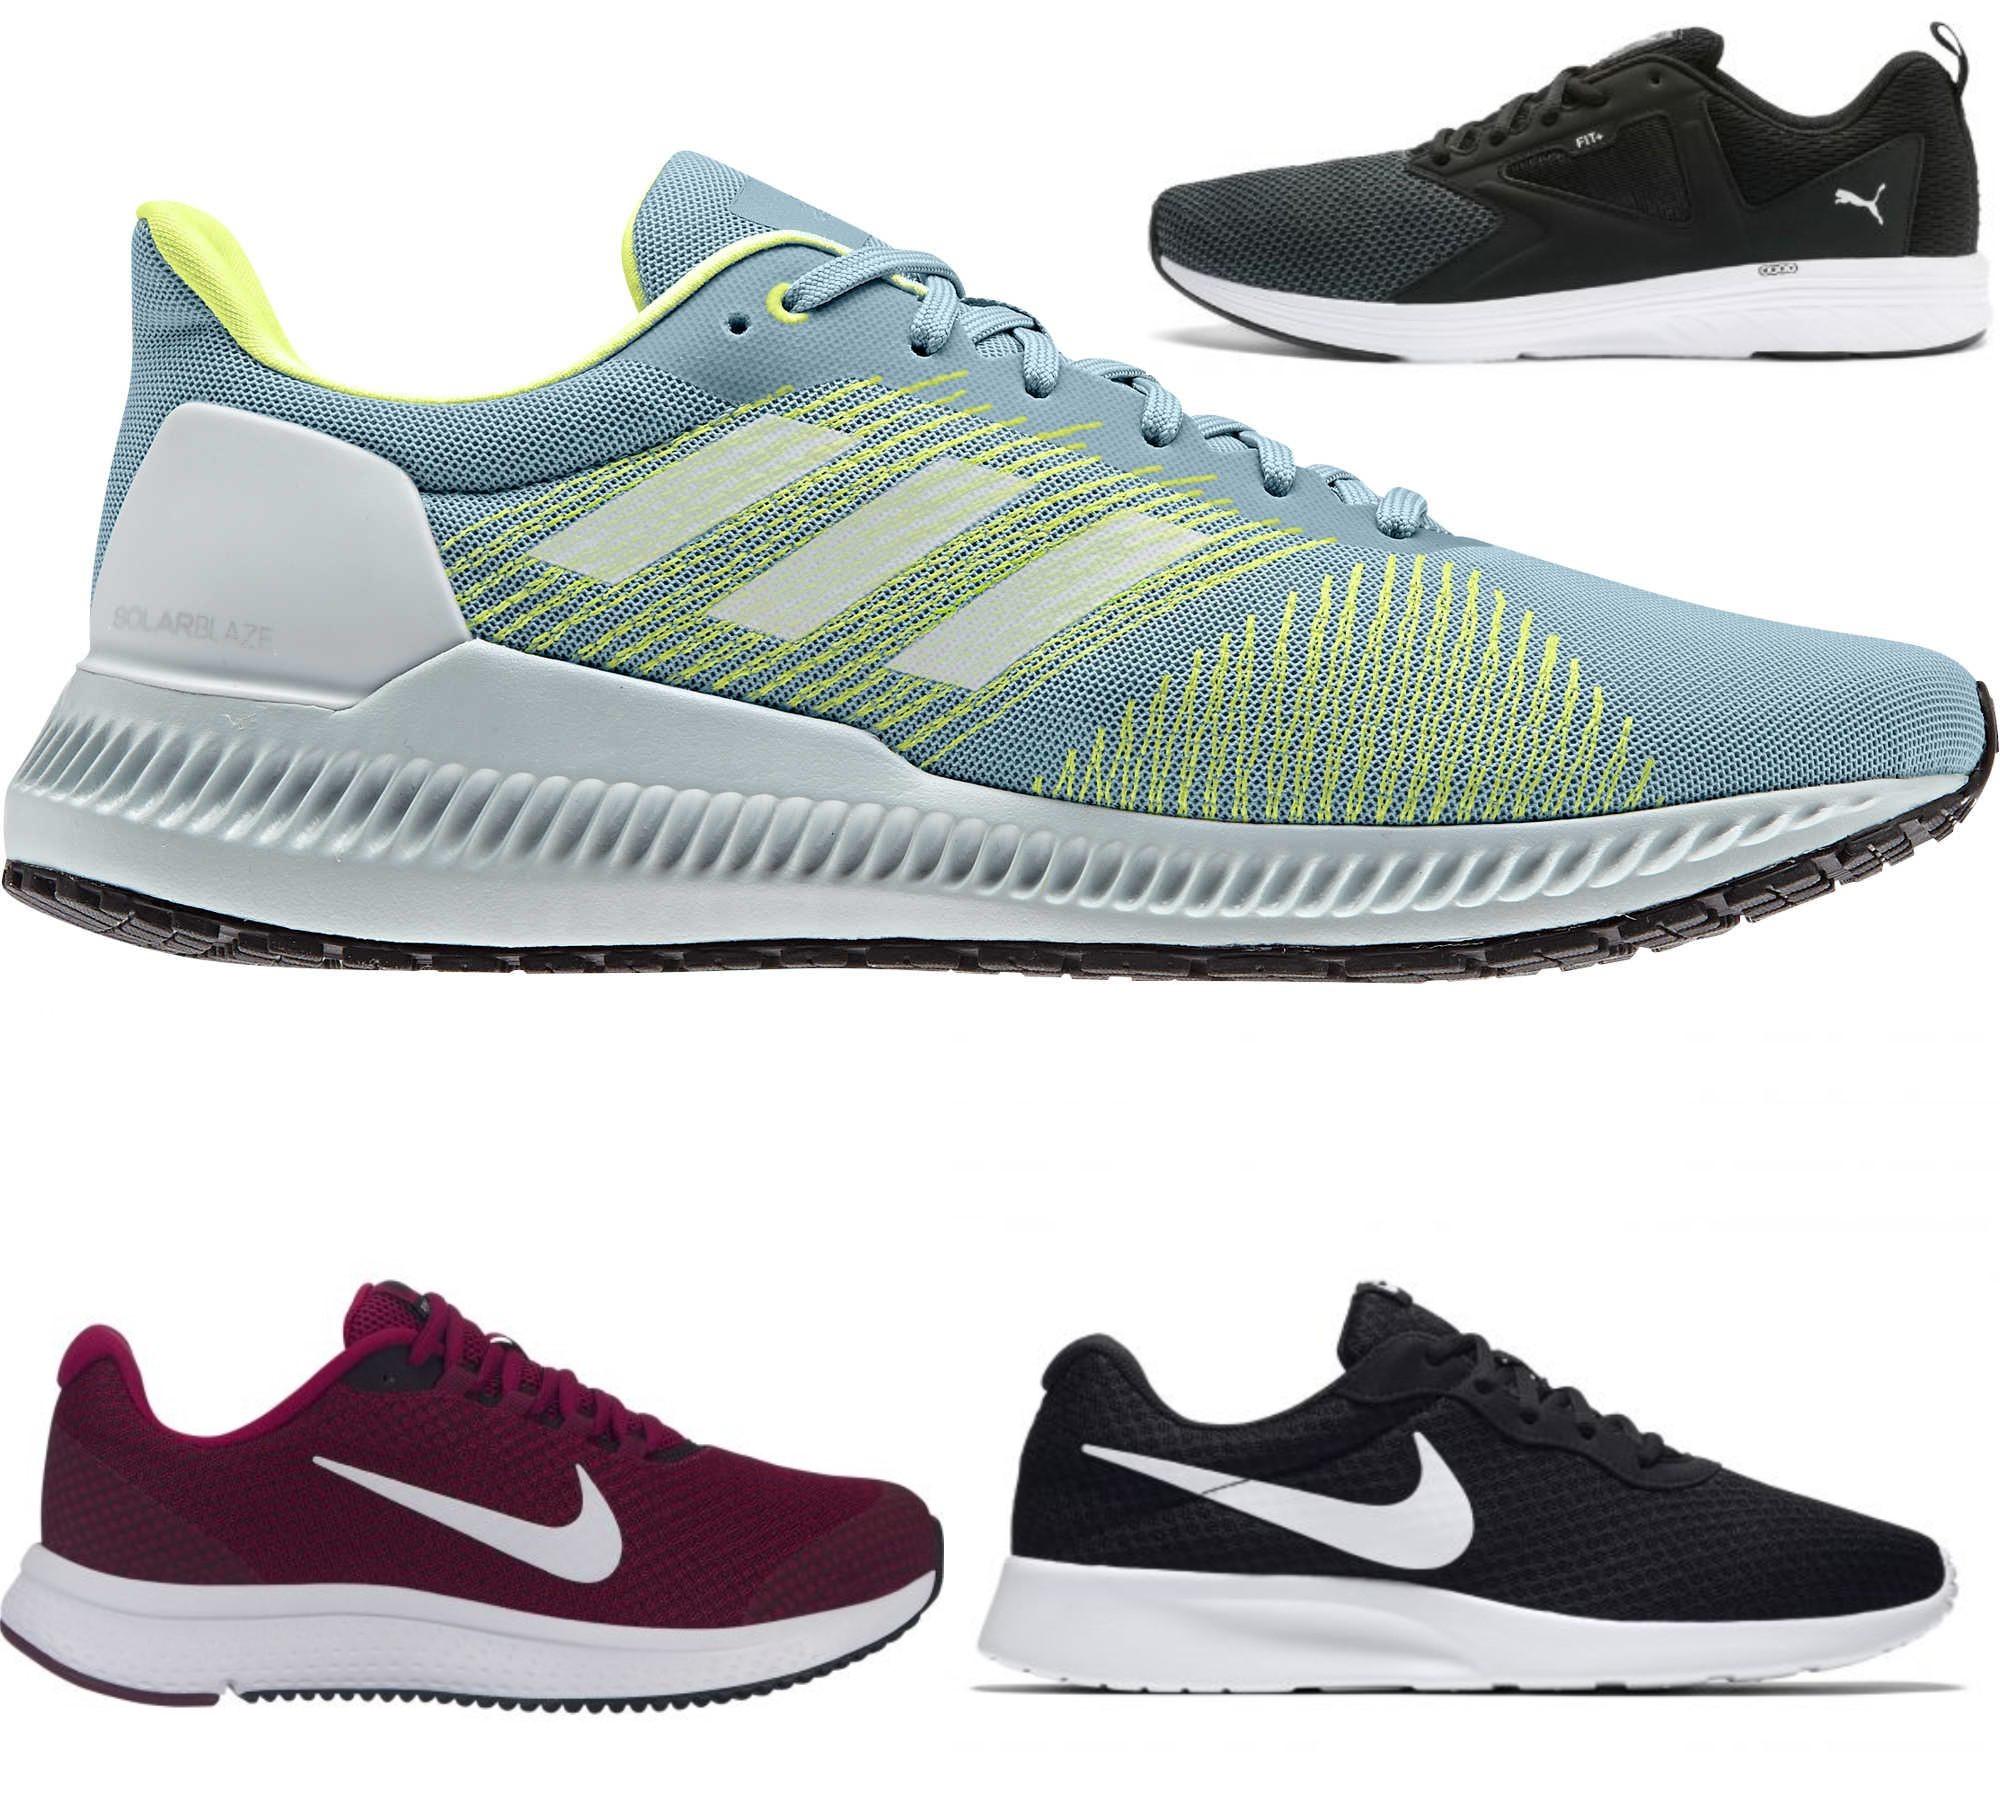 Buty Sportowe kilka modeli: Adidas, Nike, Puma, Reebok - Go Sport